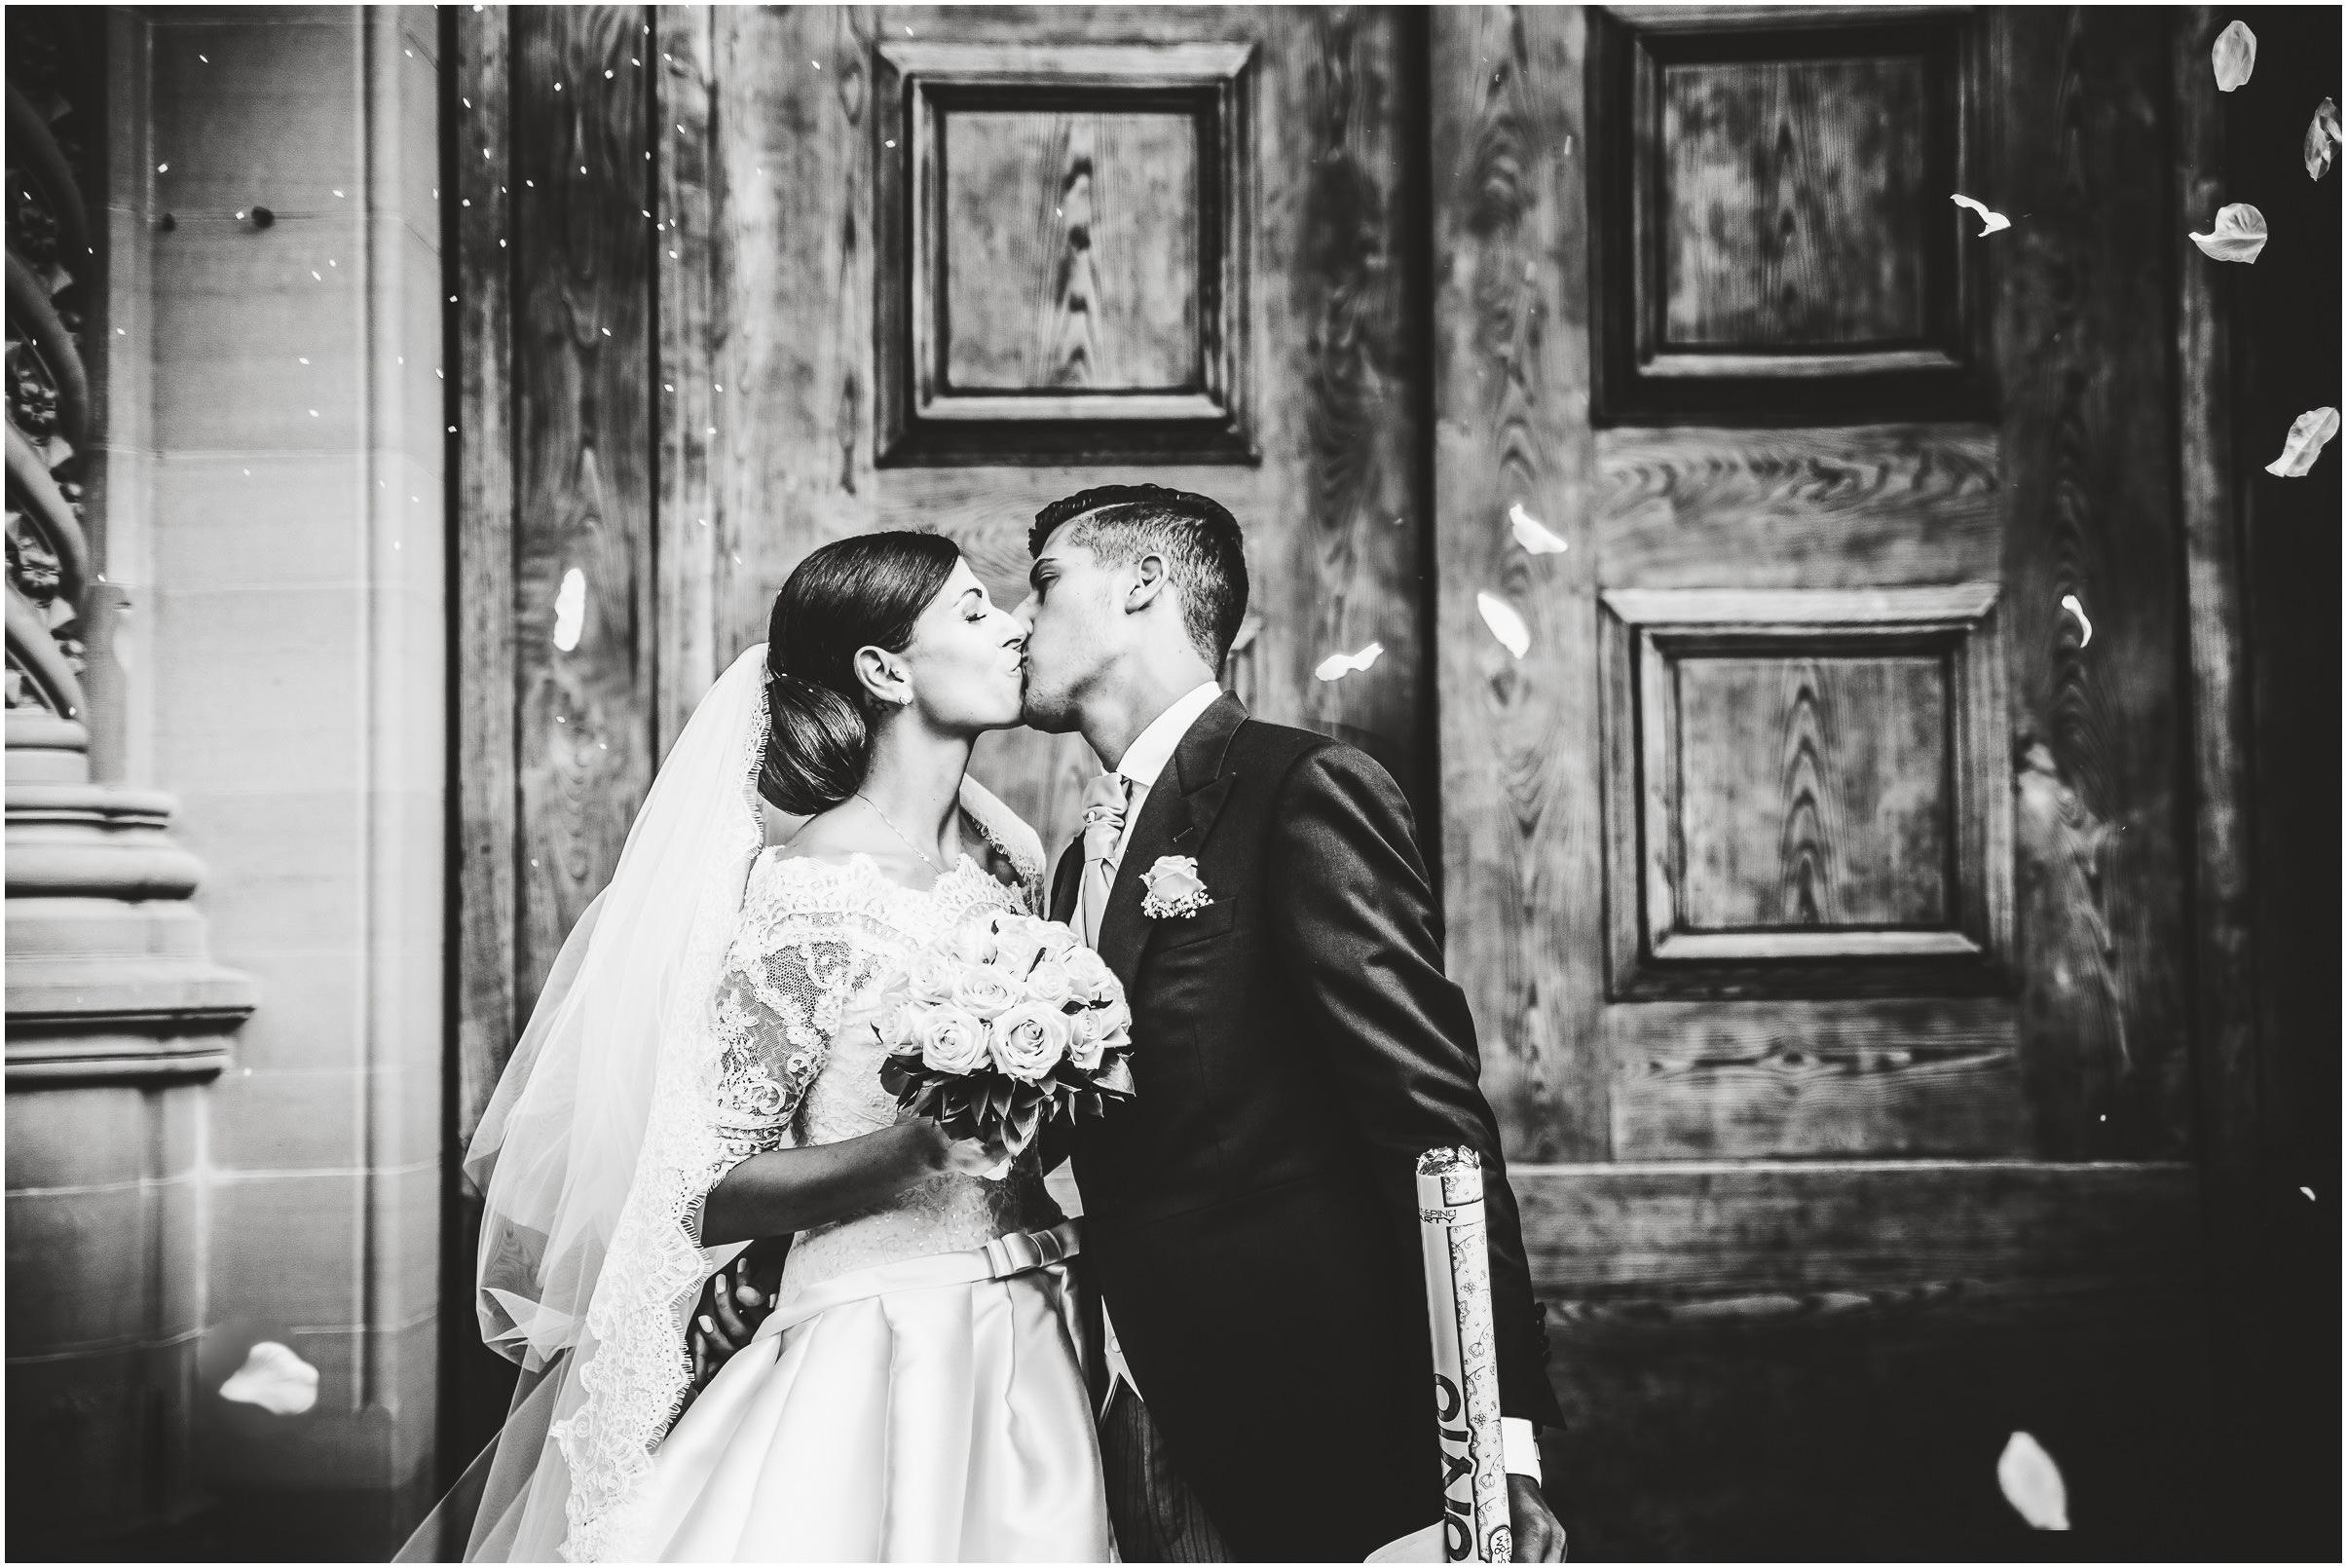 WEDDING-PHOTOGRAPHY-SARA-LORENZONI-FOTOGRAFIA-MATRIMONIO-AREZZO-TUSCANY-EVENTO-LE-SPOSE-DI-GIANNI-ELISA-LUCA027